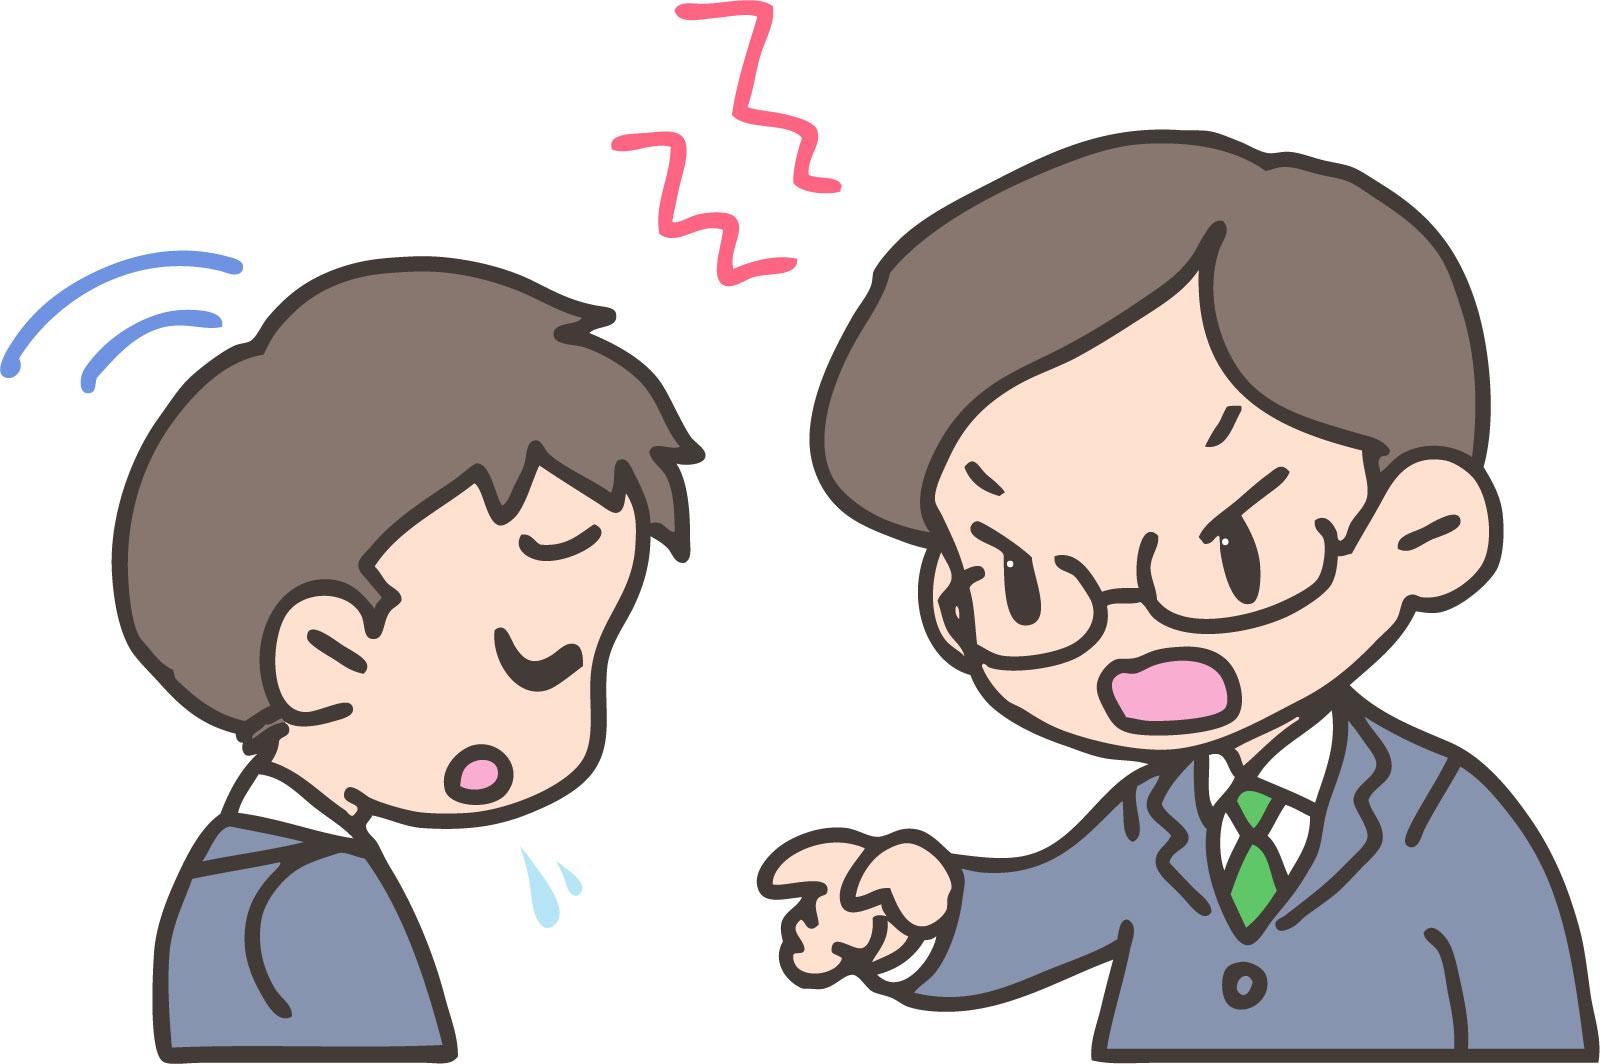 怒られると人格を否定されたように感じて落ち込みすぎて立ち直れない。〈音声あり〉